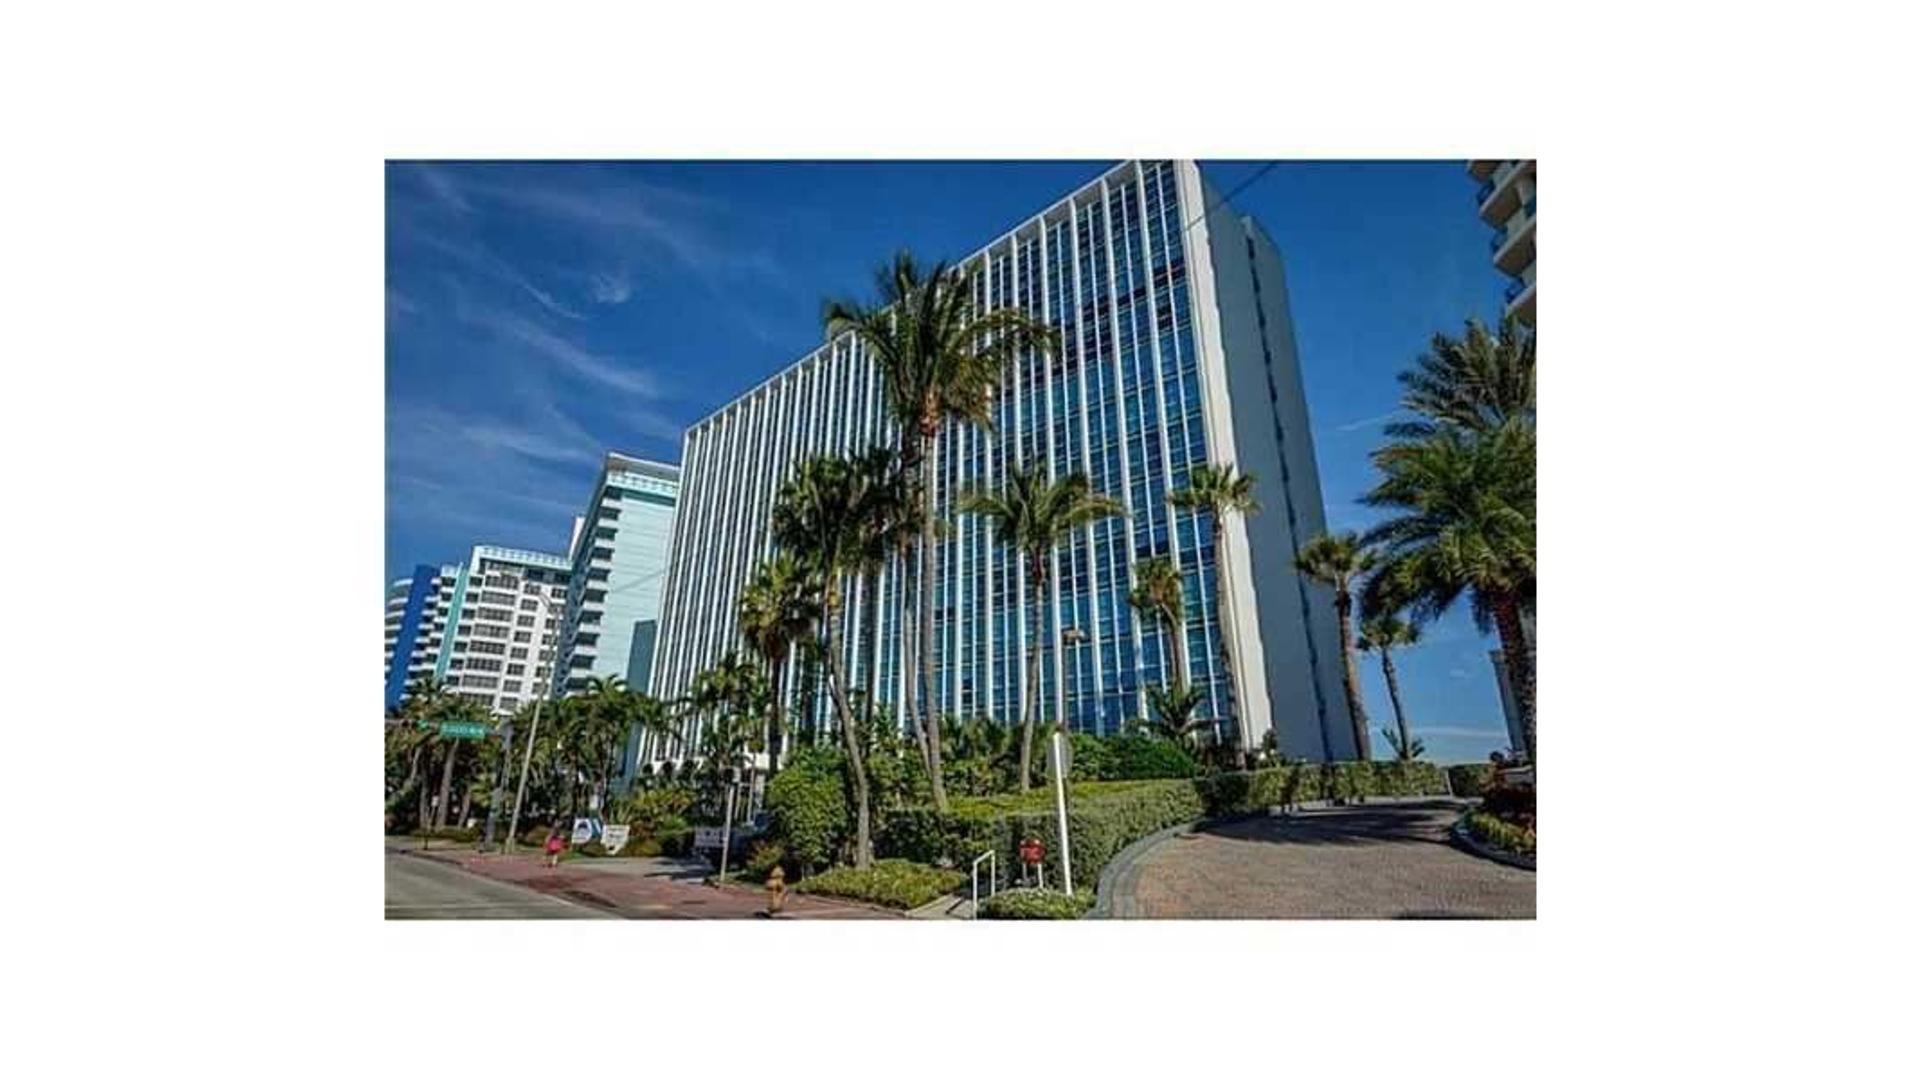 Departamento en venta en Miami, Millionaires Row